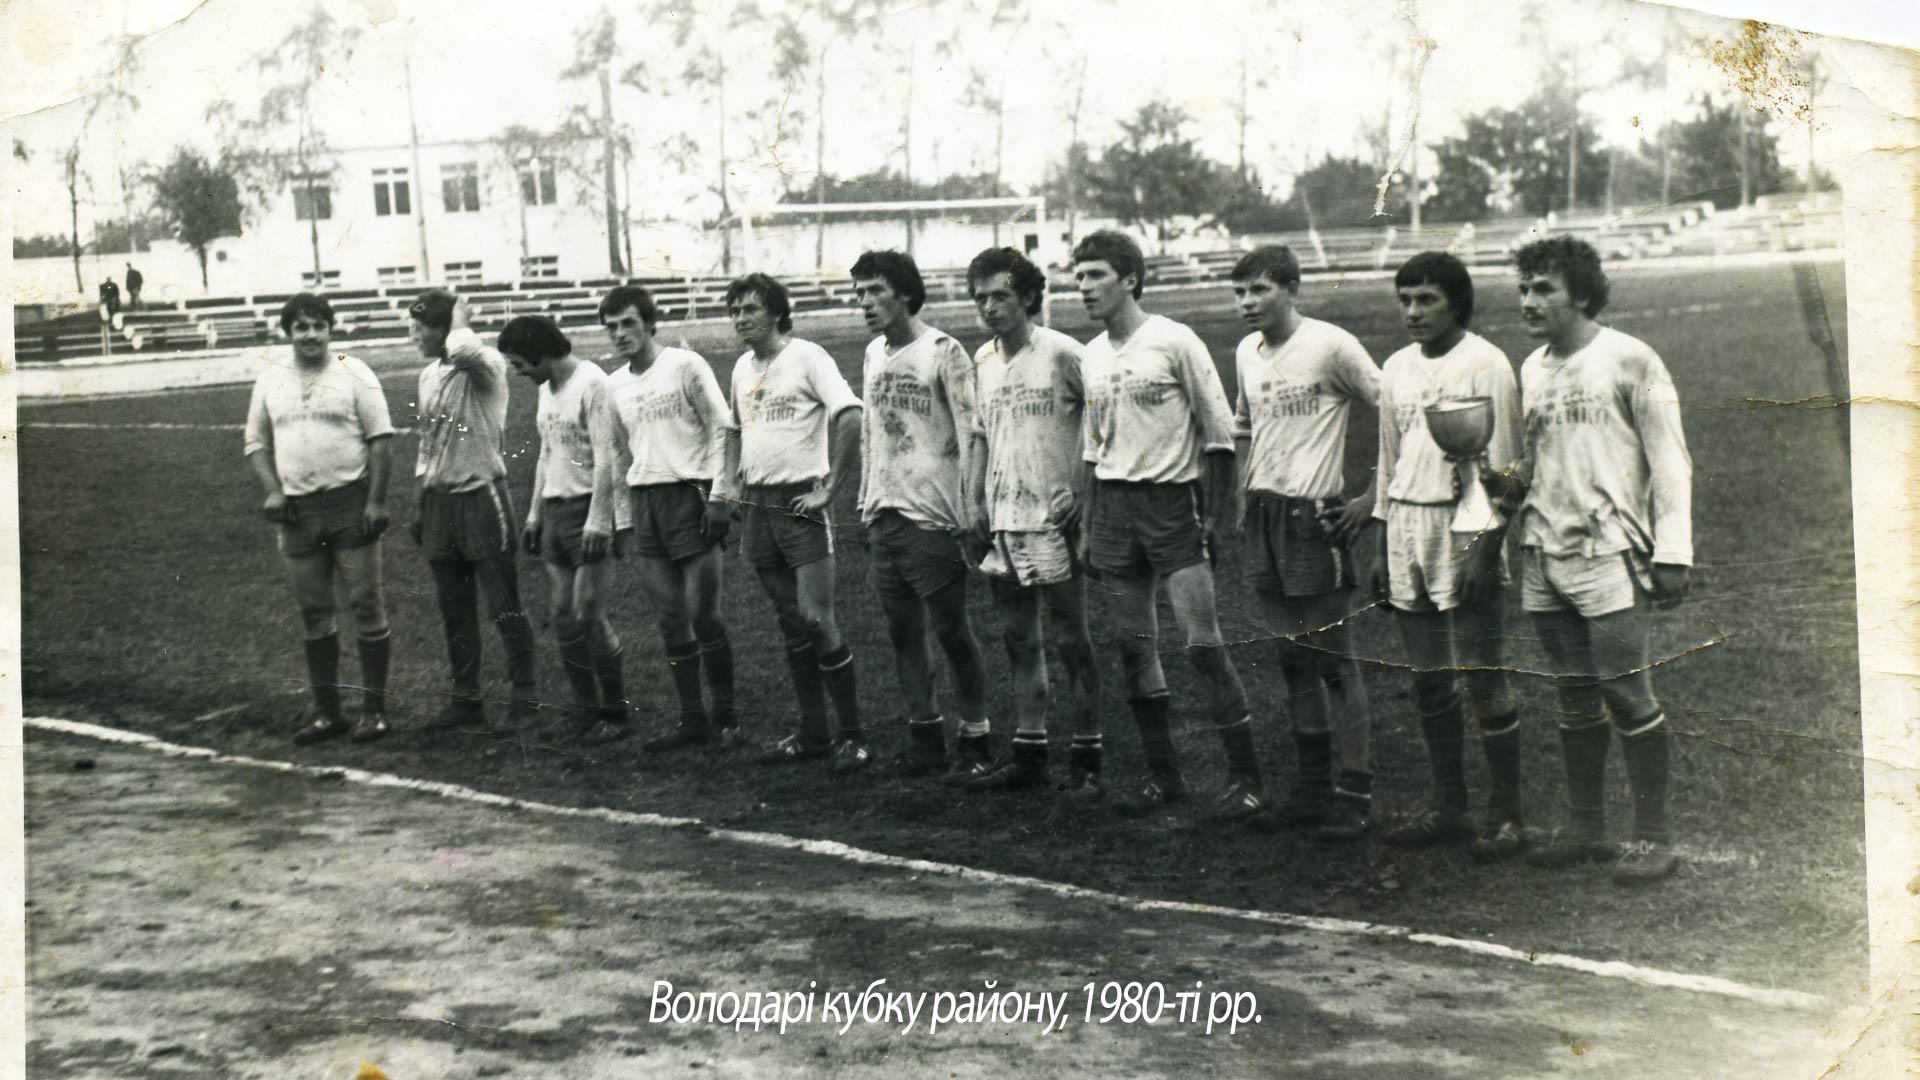 Володарі кубку району, 1980-ті рр.